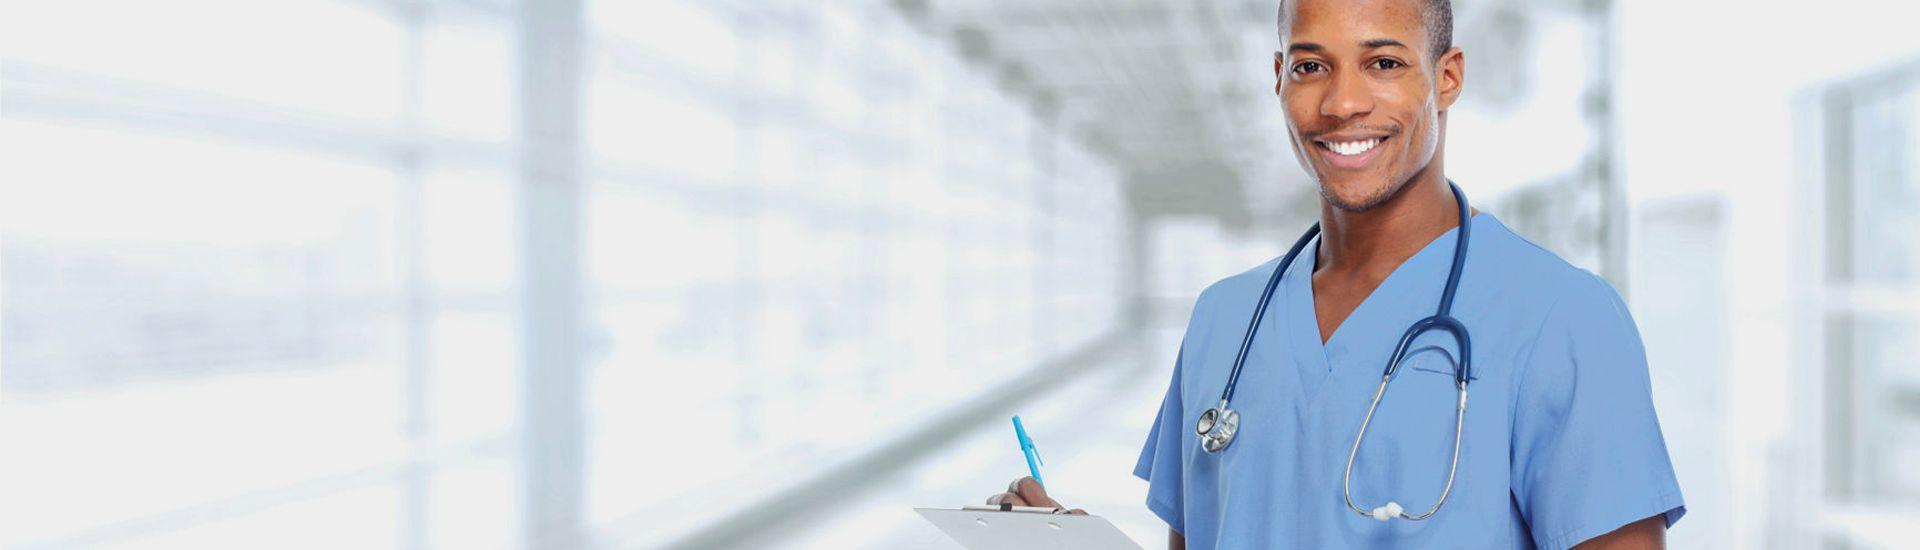 Fisc healthcare testimonial slider